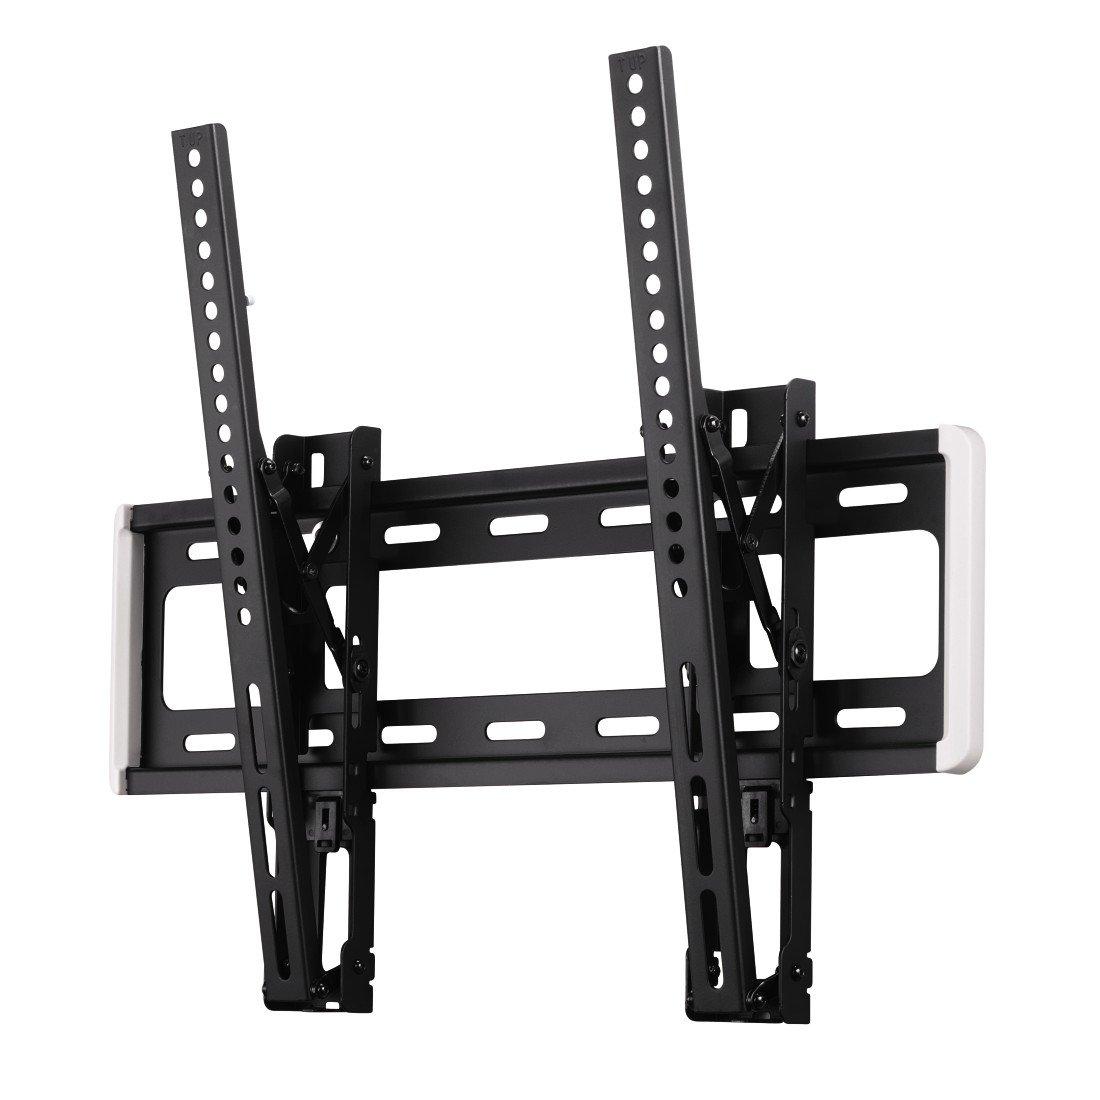 Hama Tv-muurbeugel TILT, 5 sterren, 142 cm (56), zwart veilig op otto.nl kopen